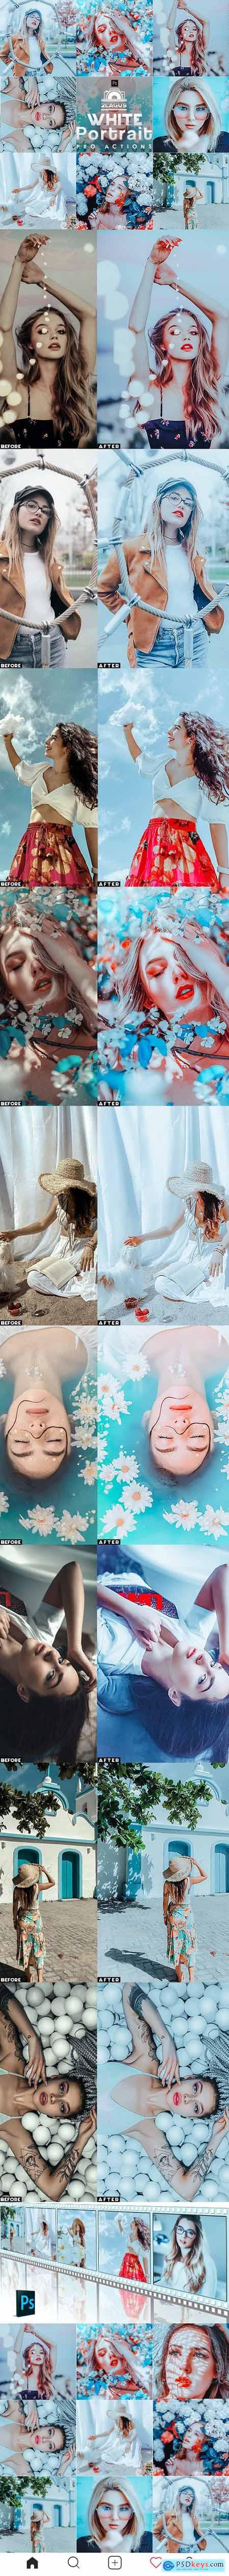 White Portrait Photoshop Actions 27473023